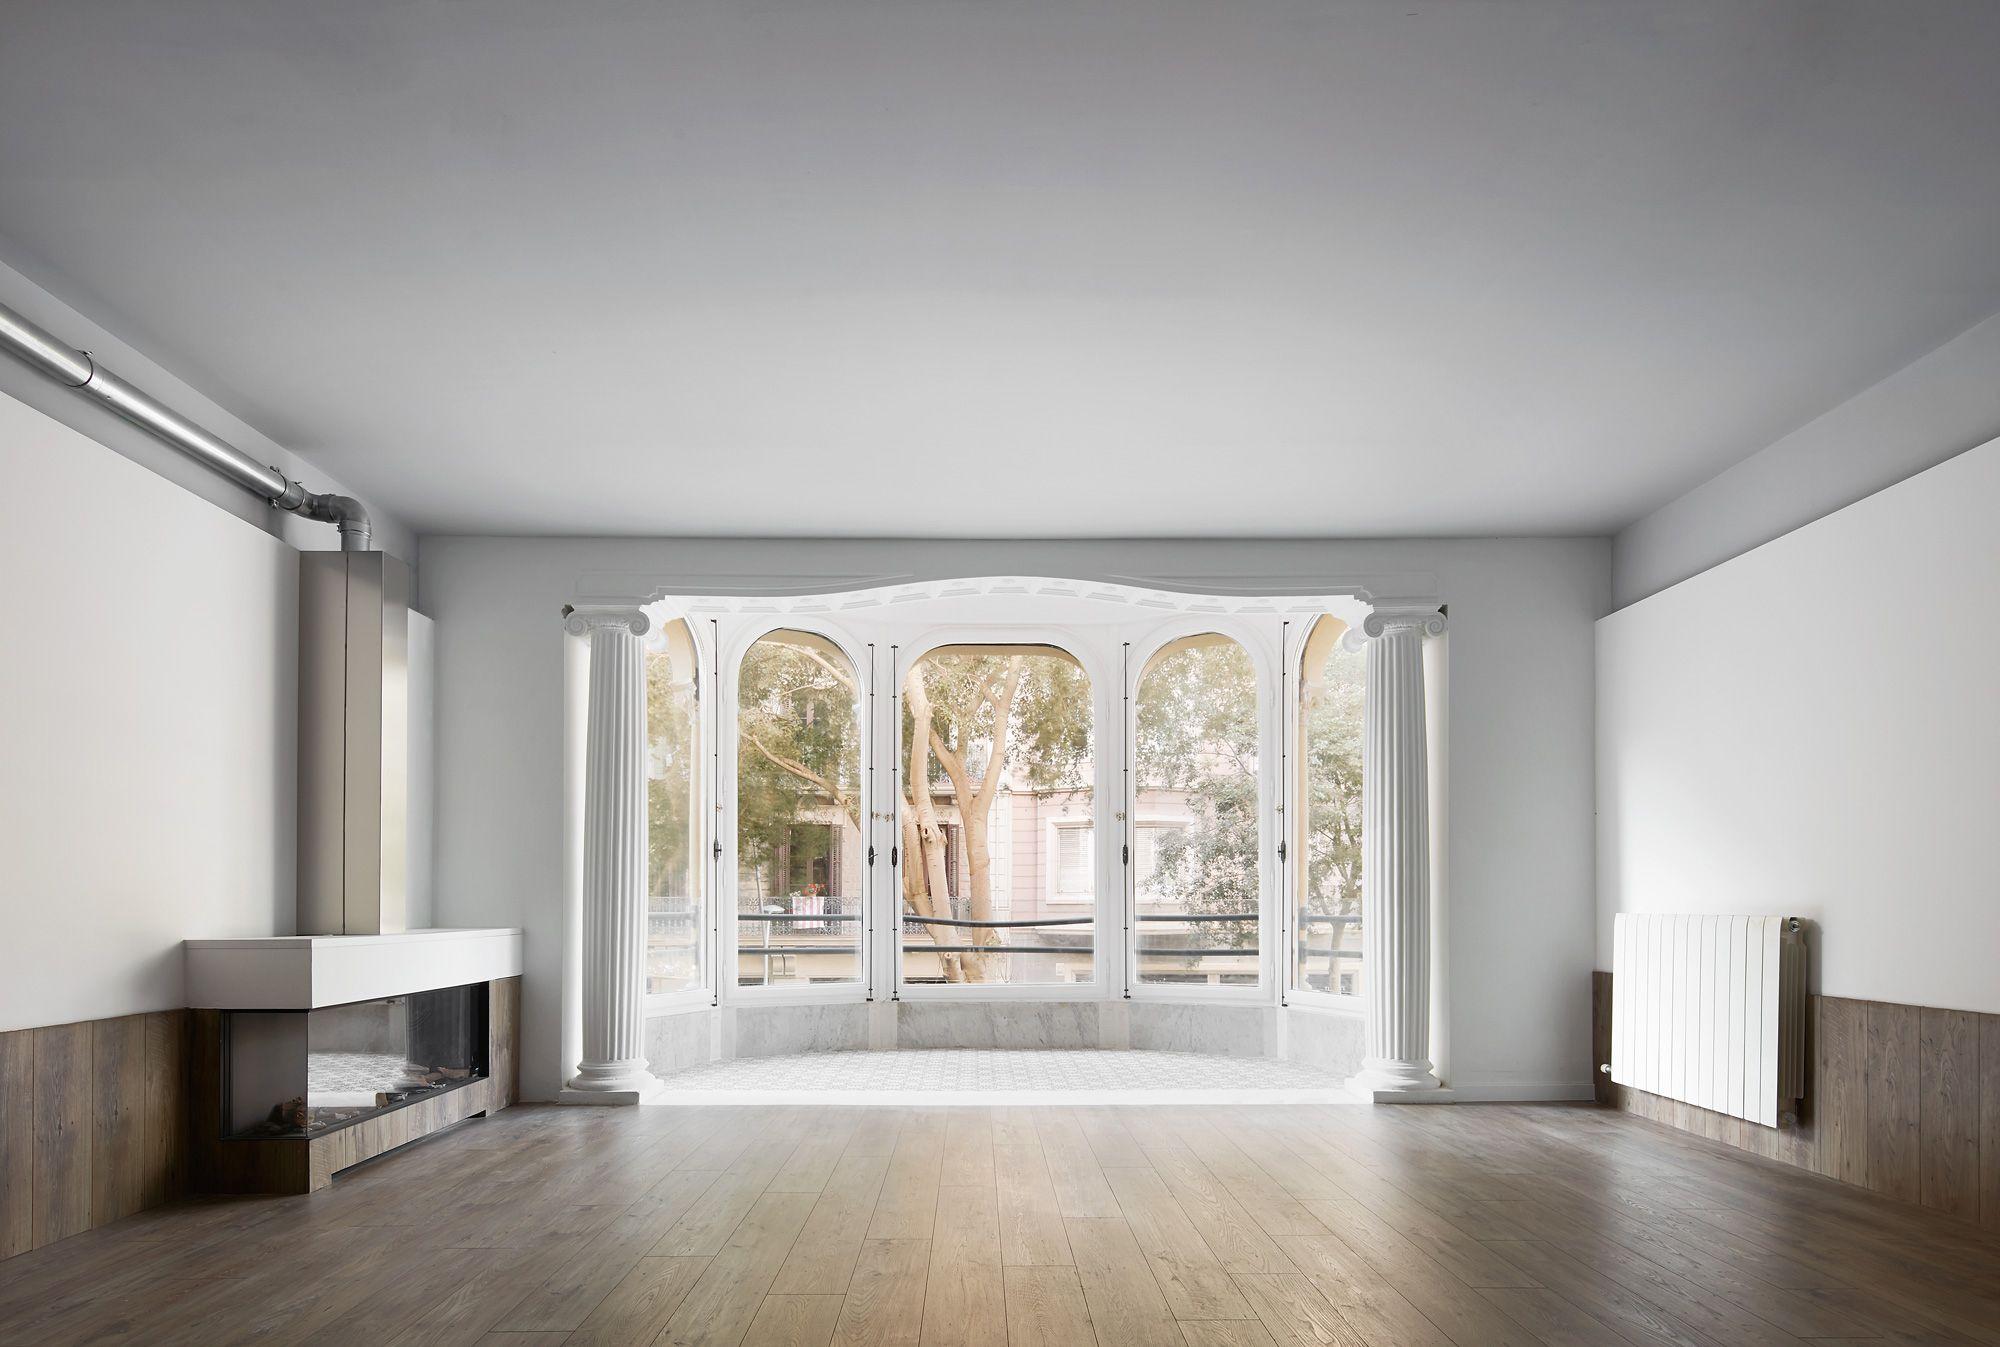 Appartement Tamarit   Barcelona / Foto: José Hevia